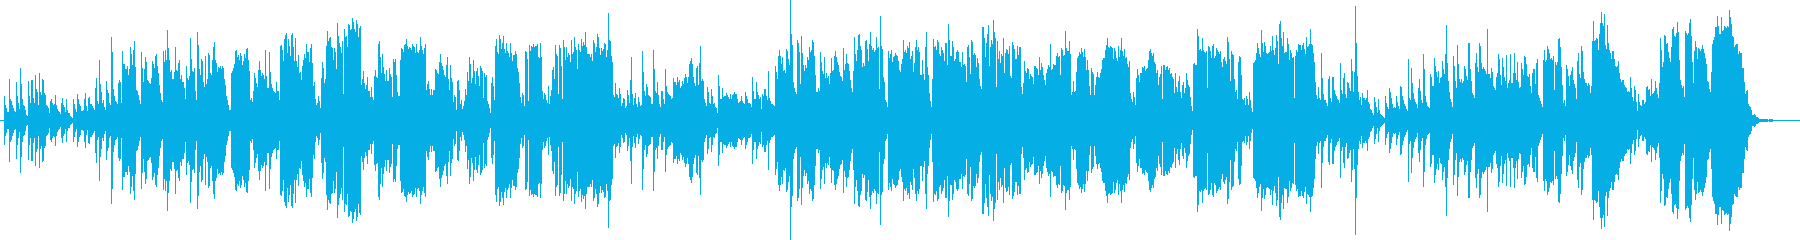 ほのぼのとした女性ボーカル曲ですの再生済みの波形